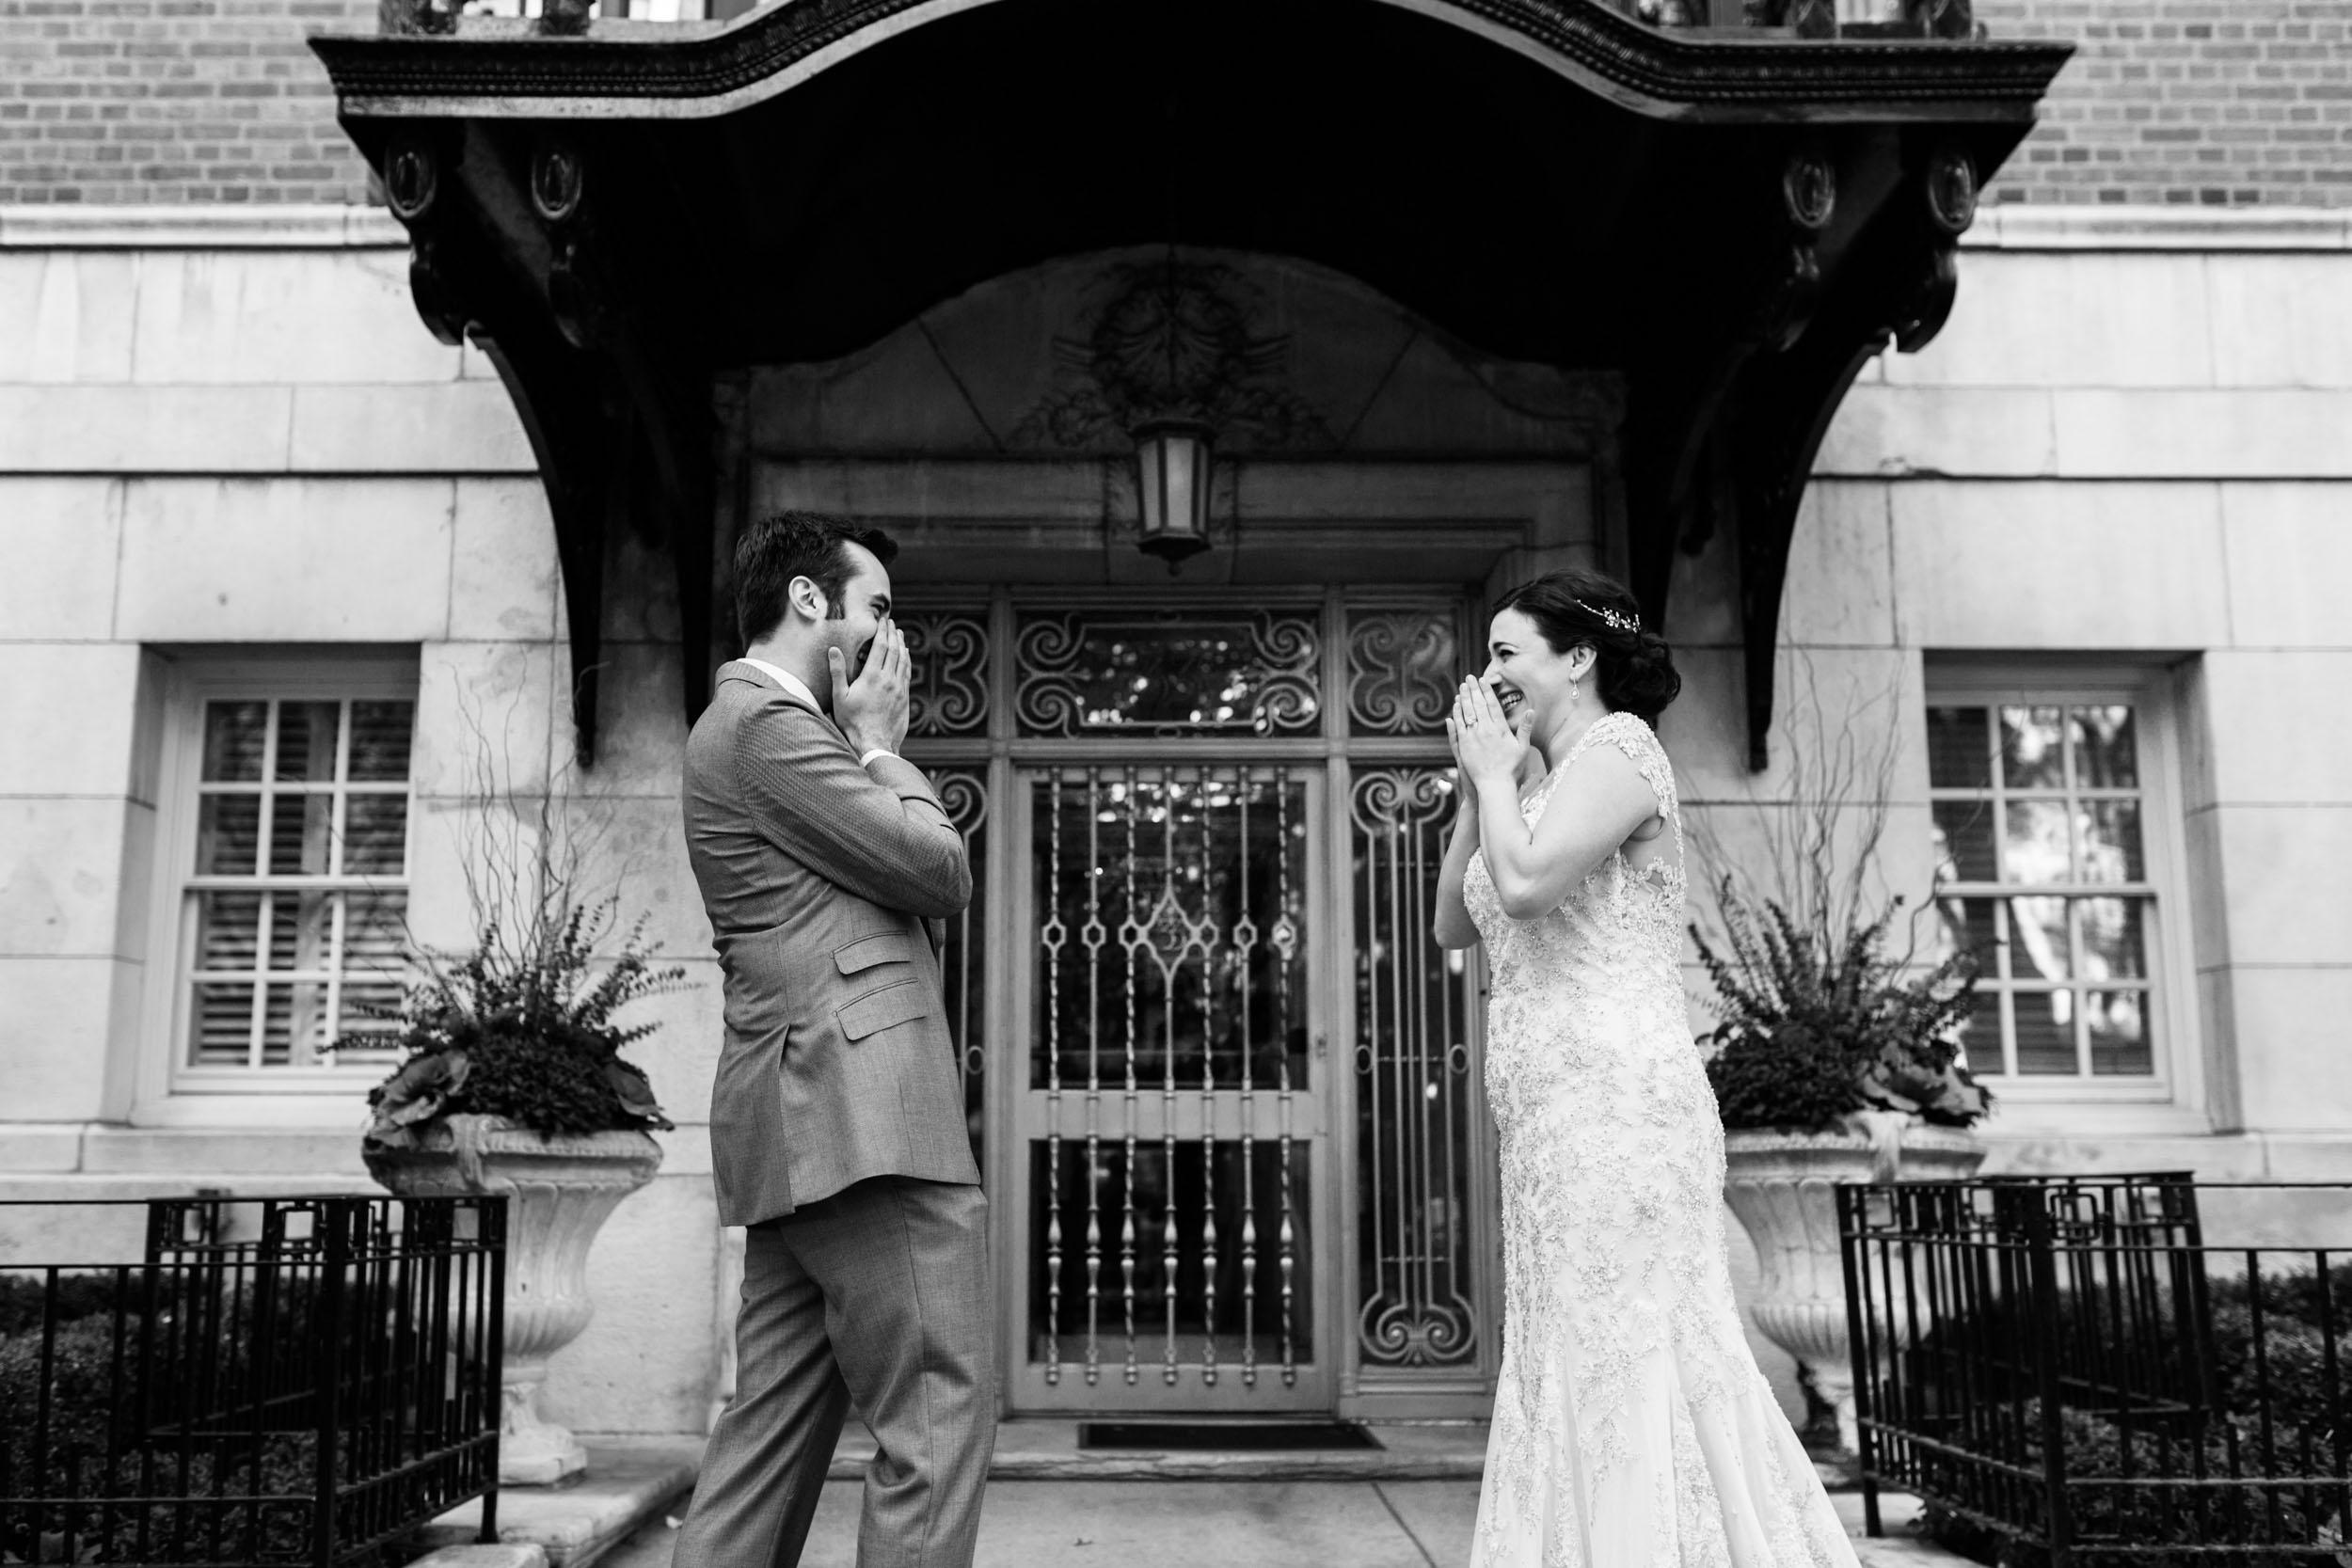 chicago-wedding-photos-studio-this-is-jack-schroeder-4.jpg